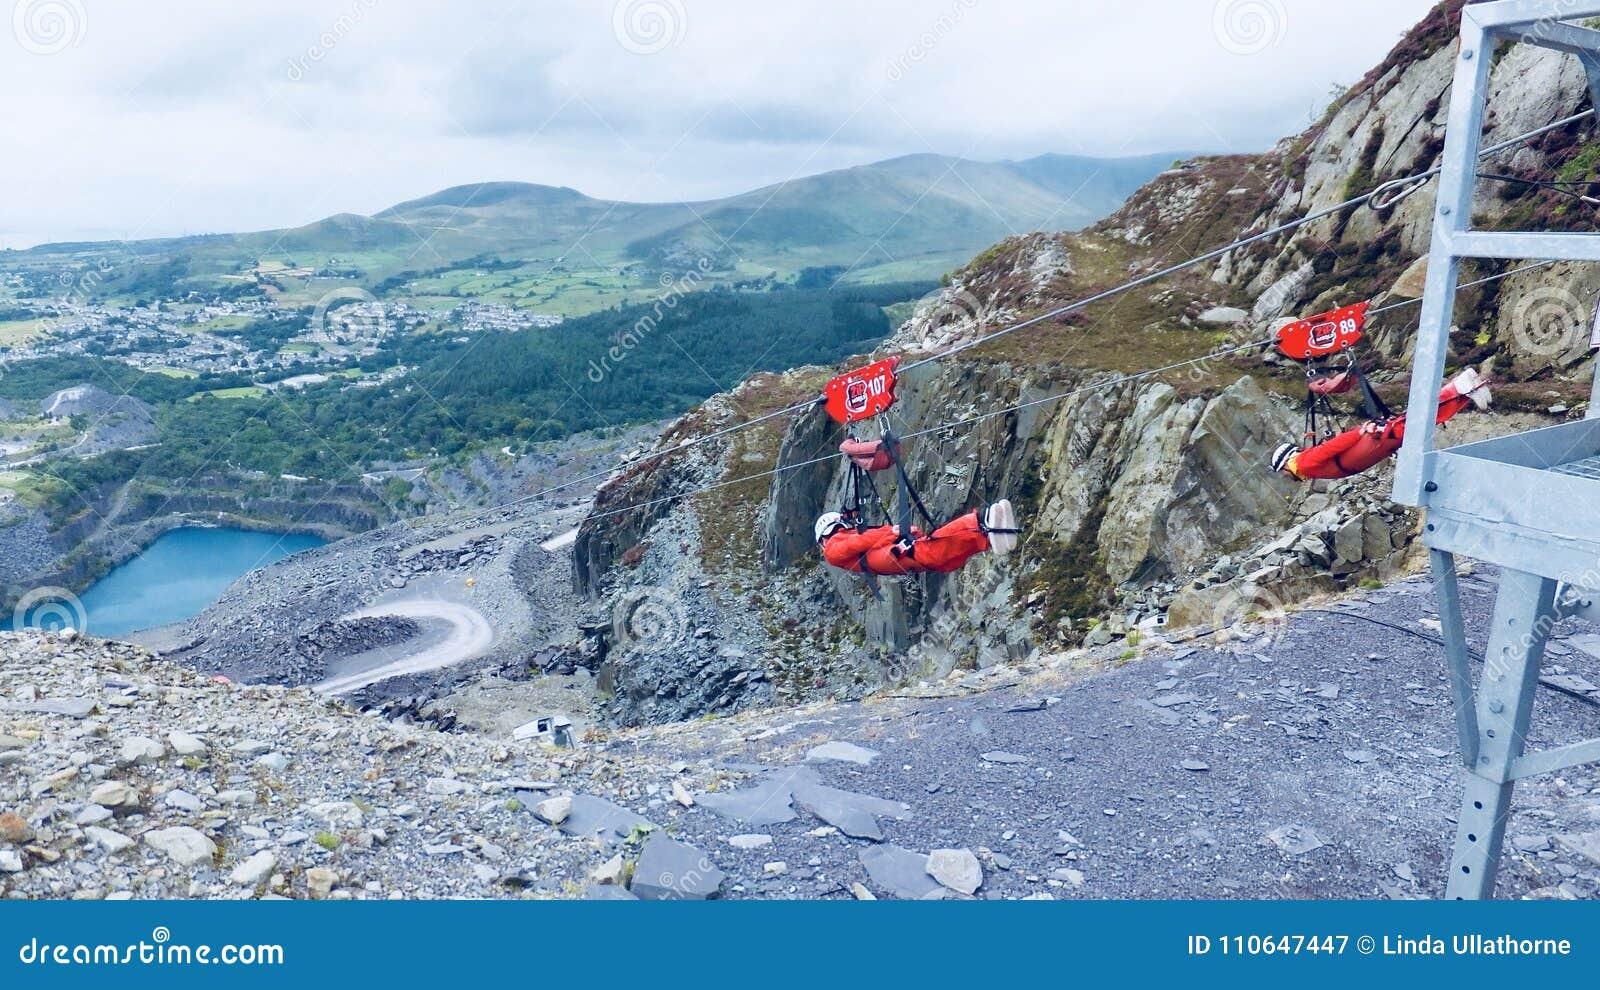 Pitlijn in Wales